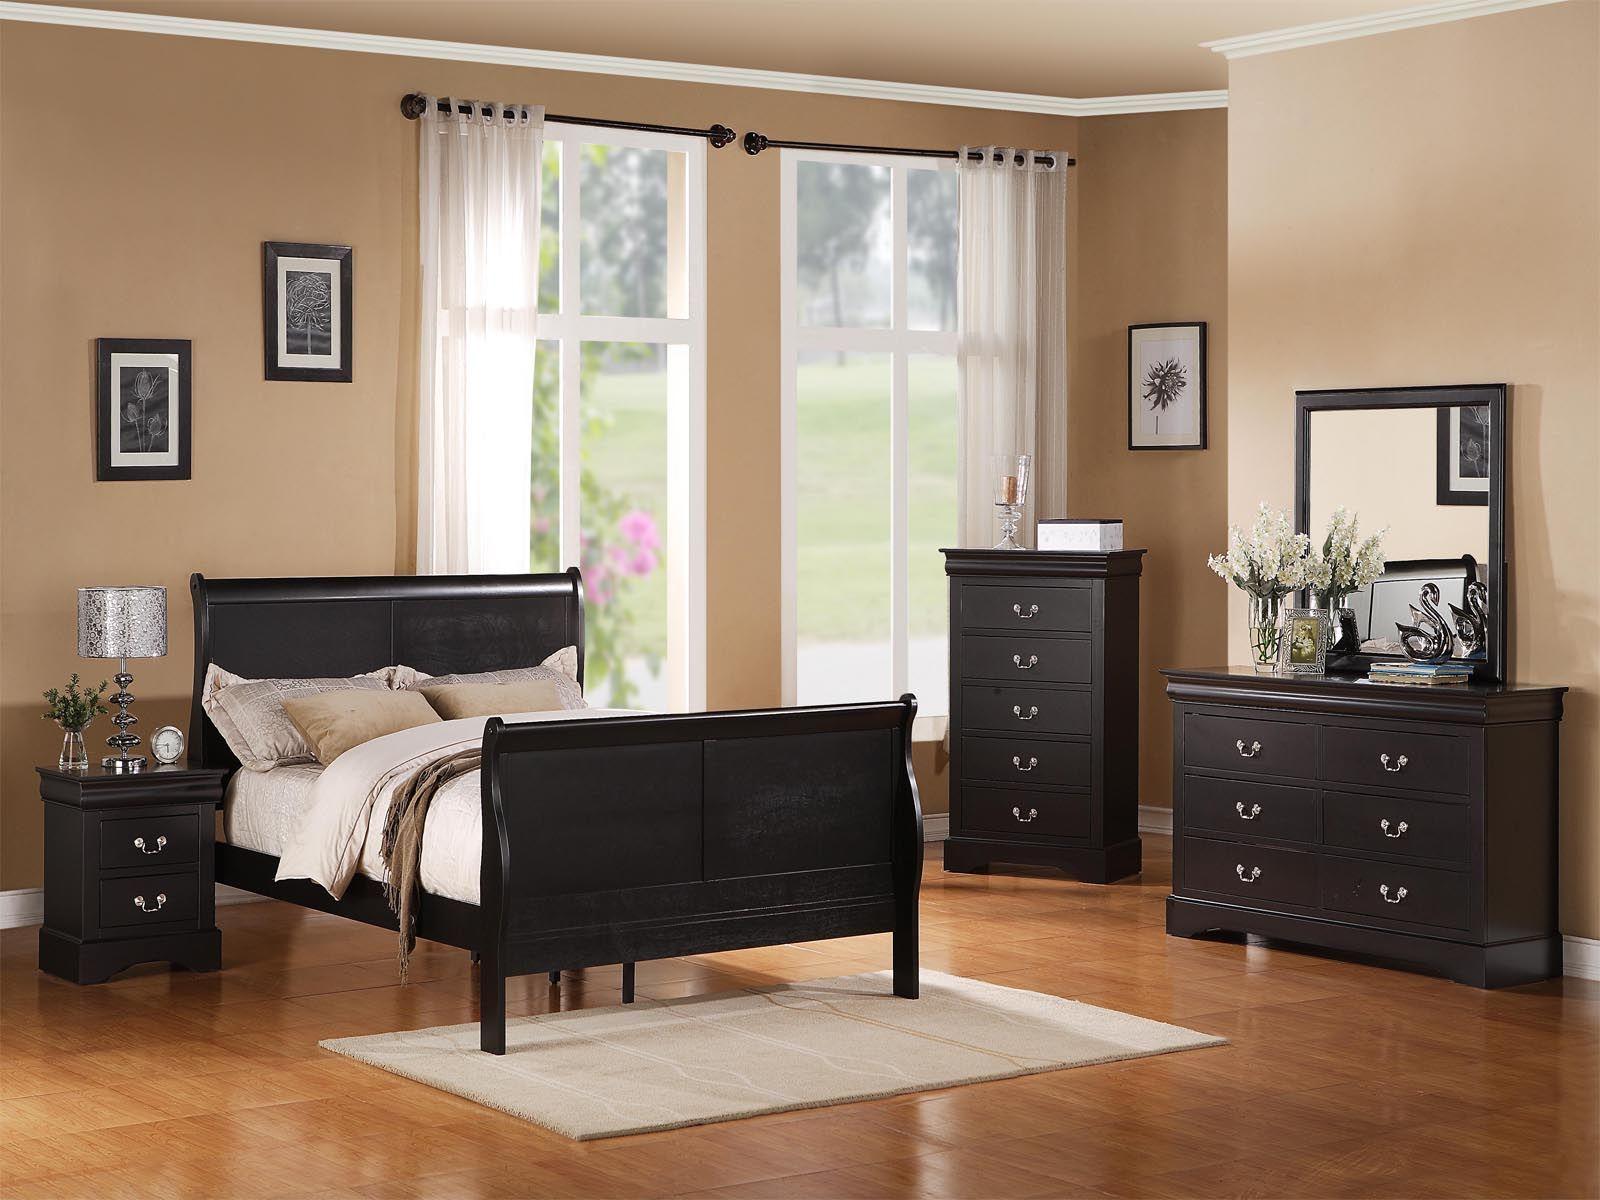 Schwarz Schlafzimmer Sets Moderne Schlafzimmermobel